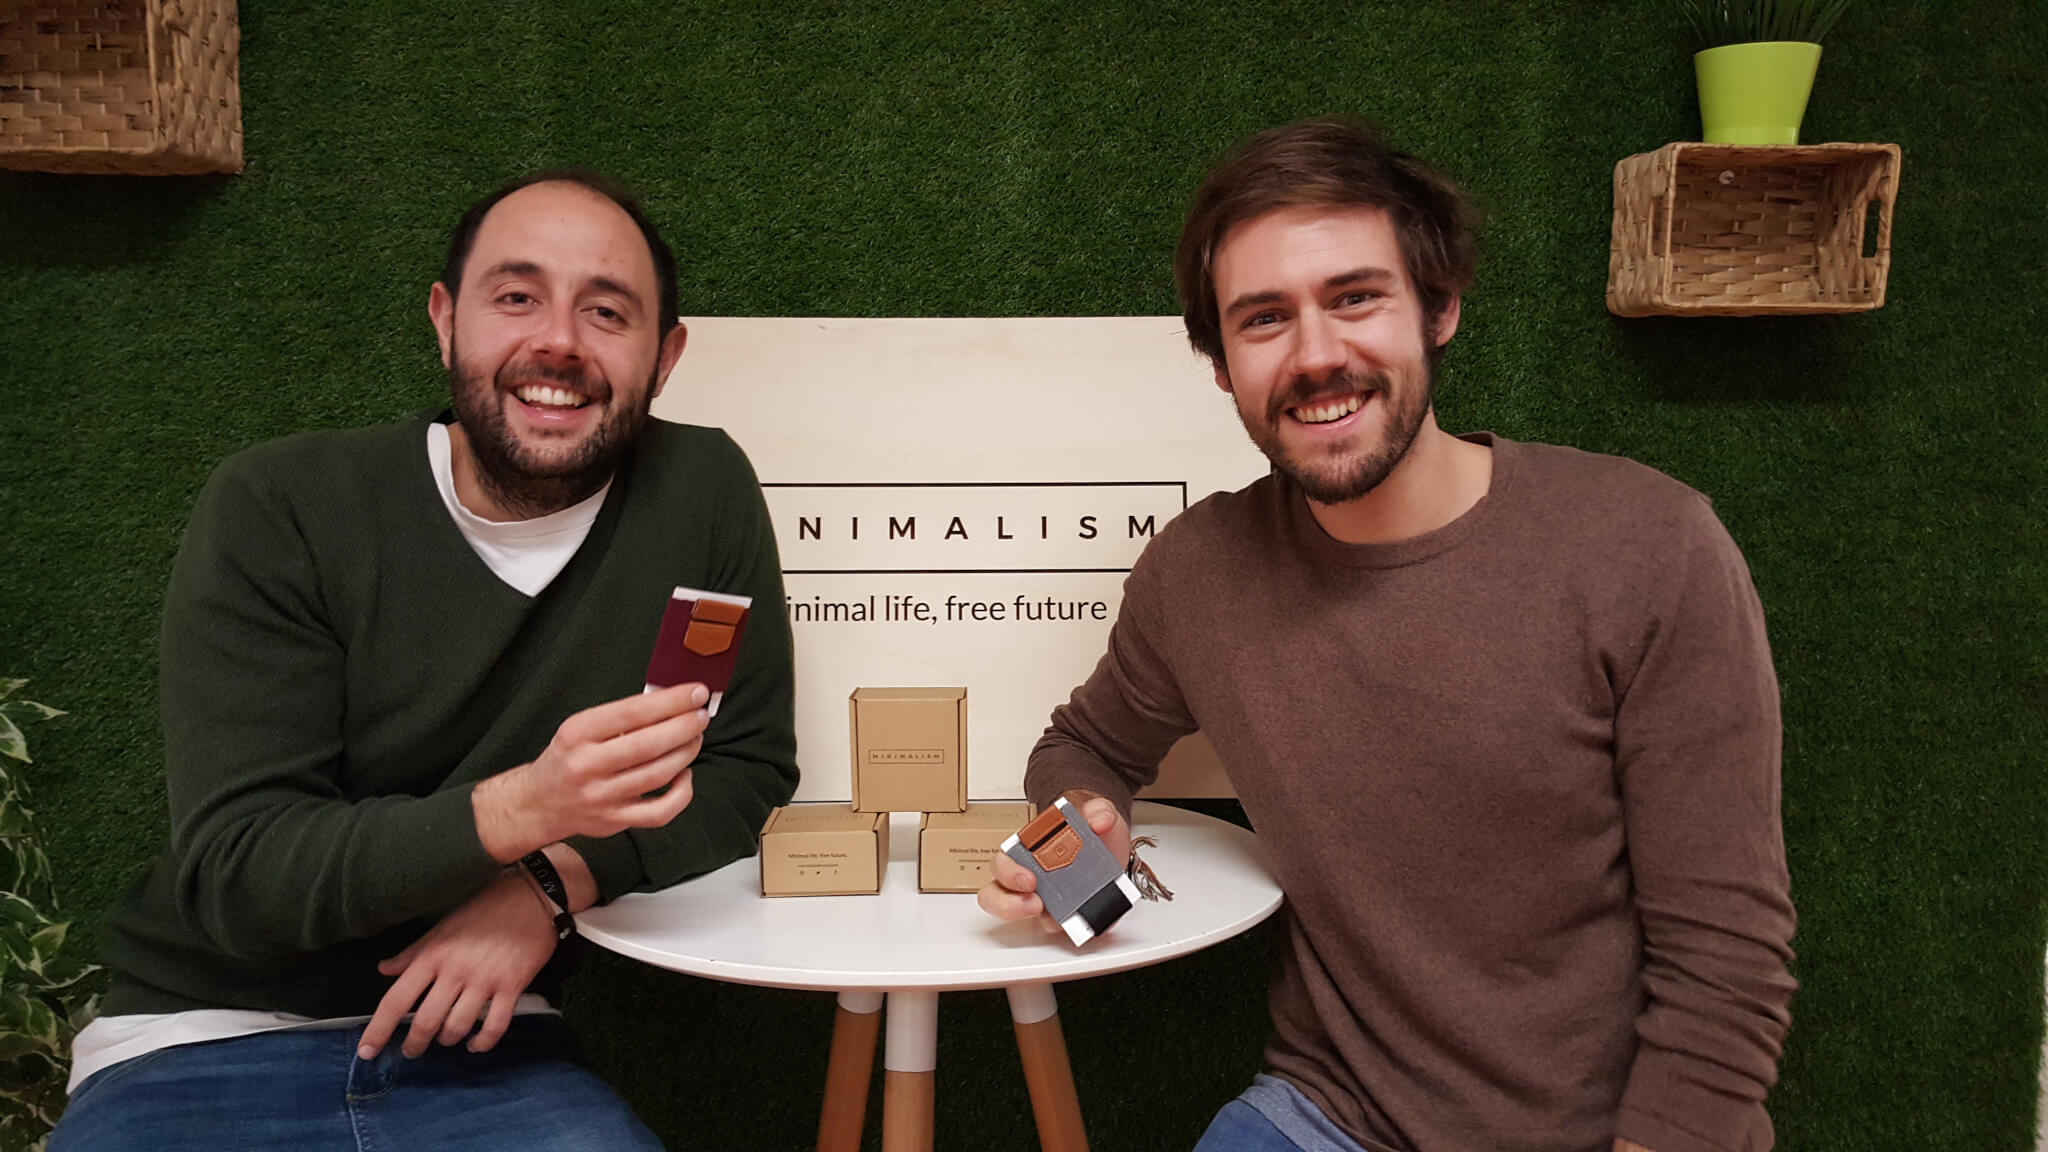 Die Verpackung von Minimalism Brand